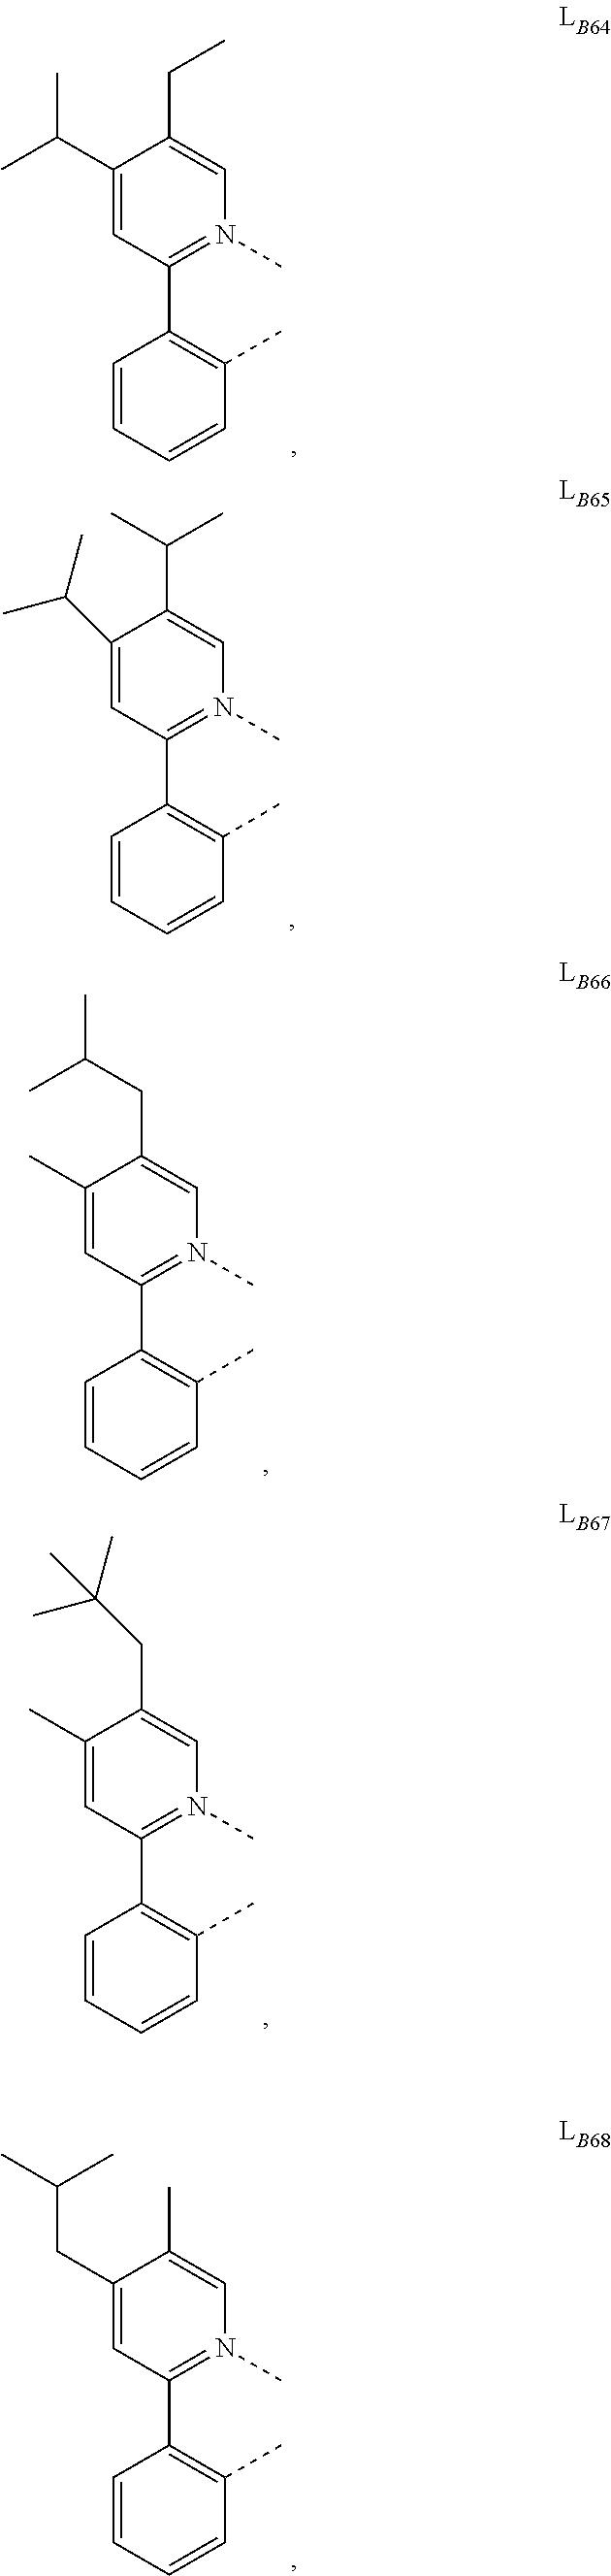 Figure US20160049599A1-20160218-C00126